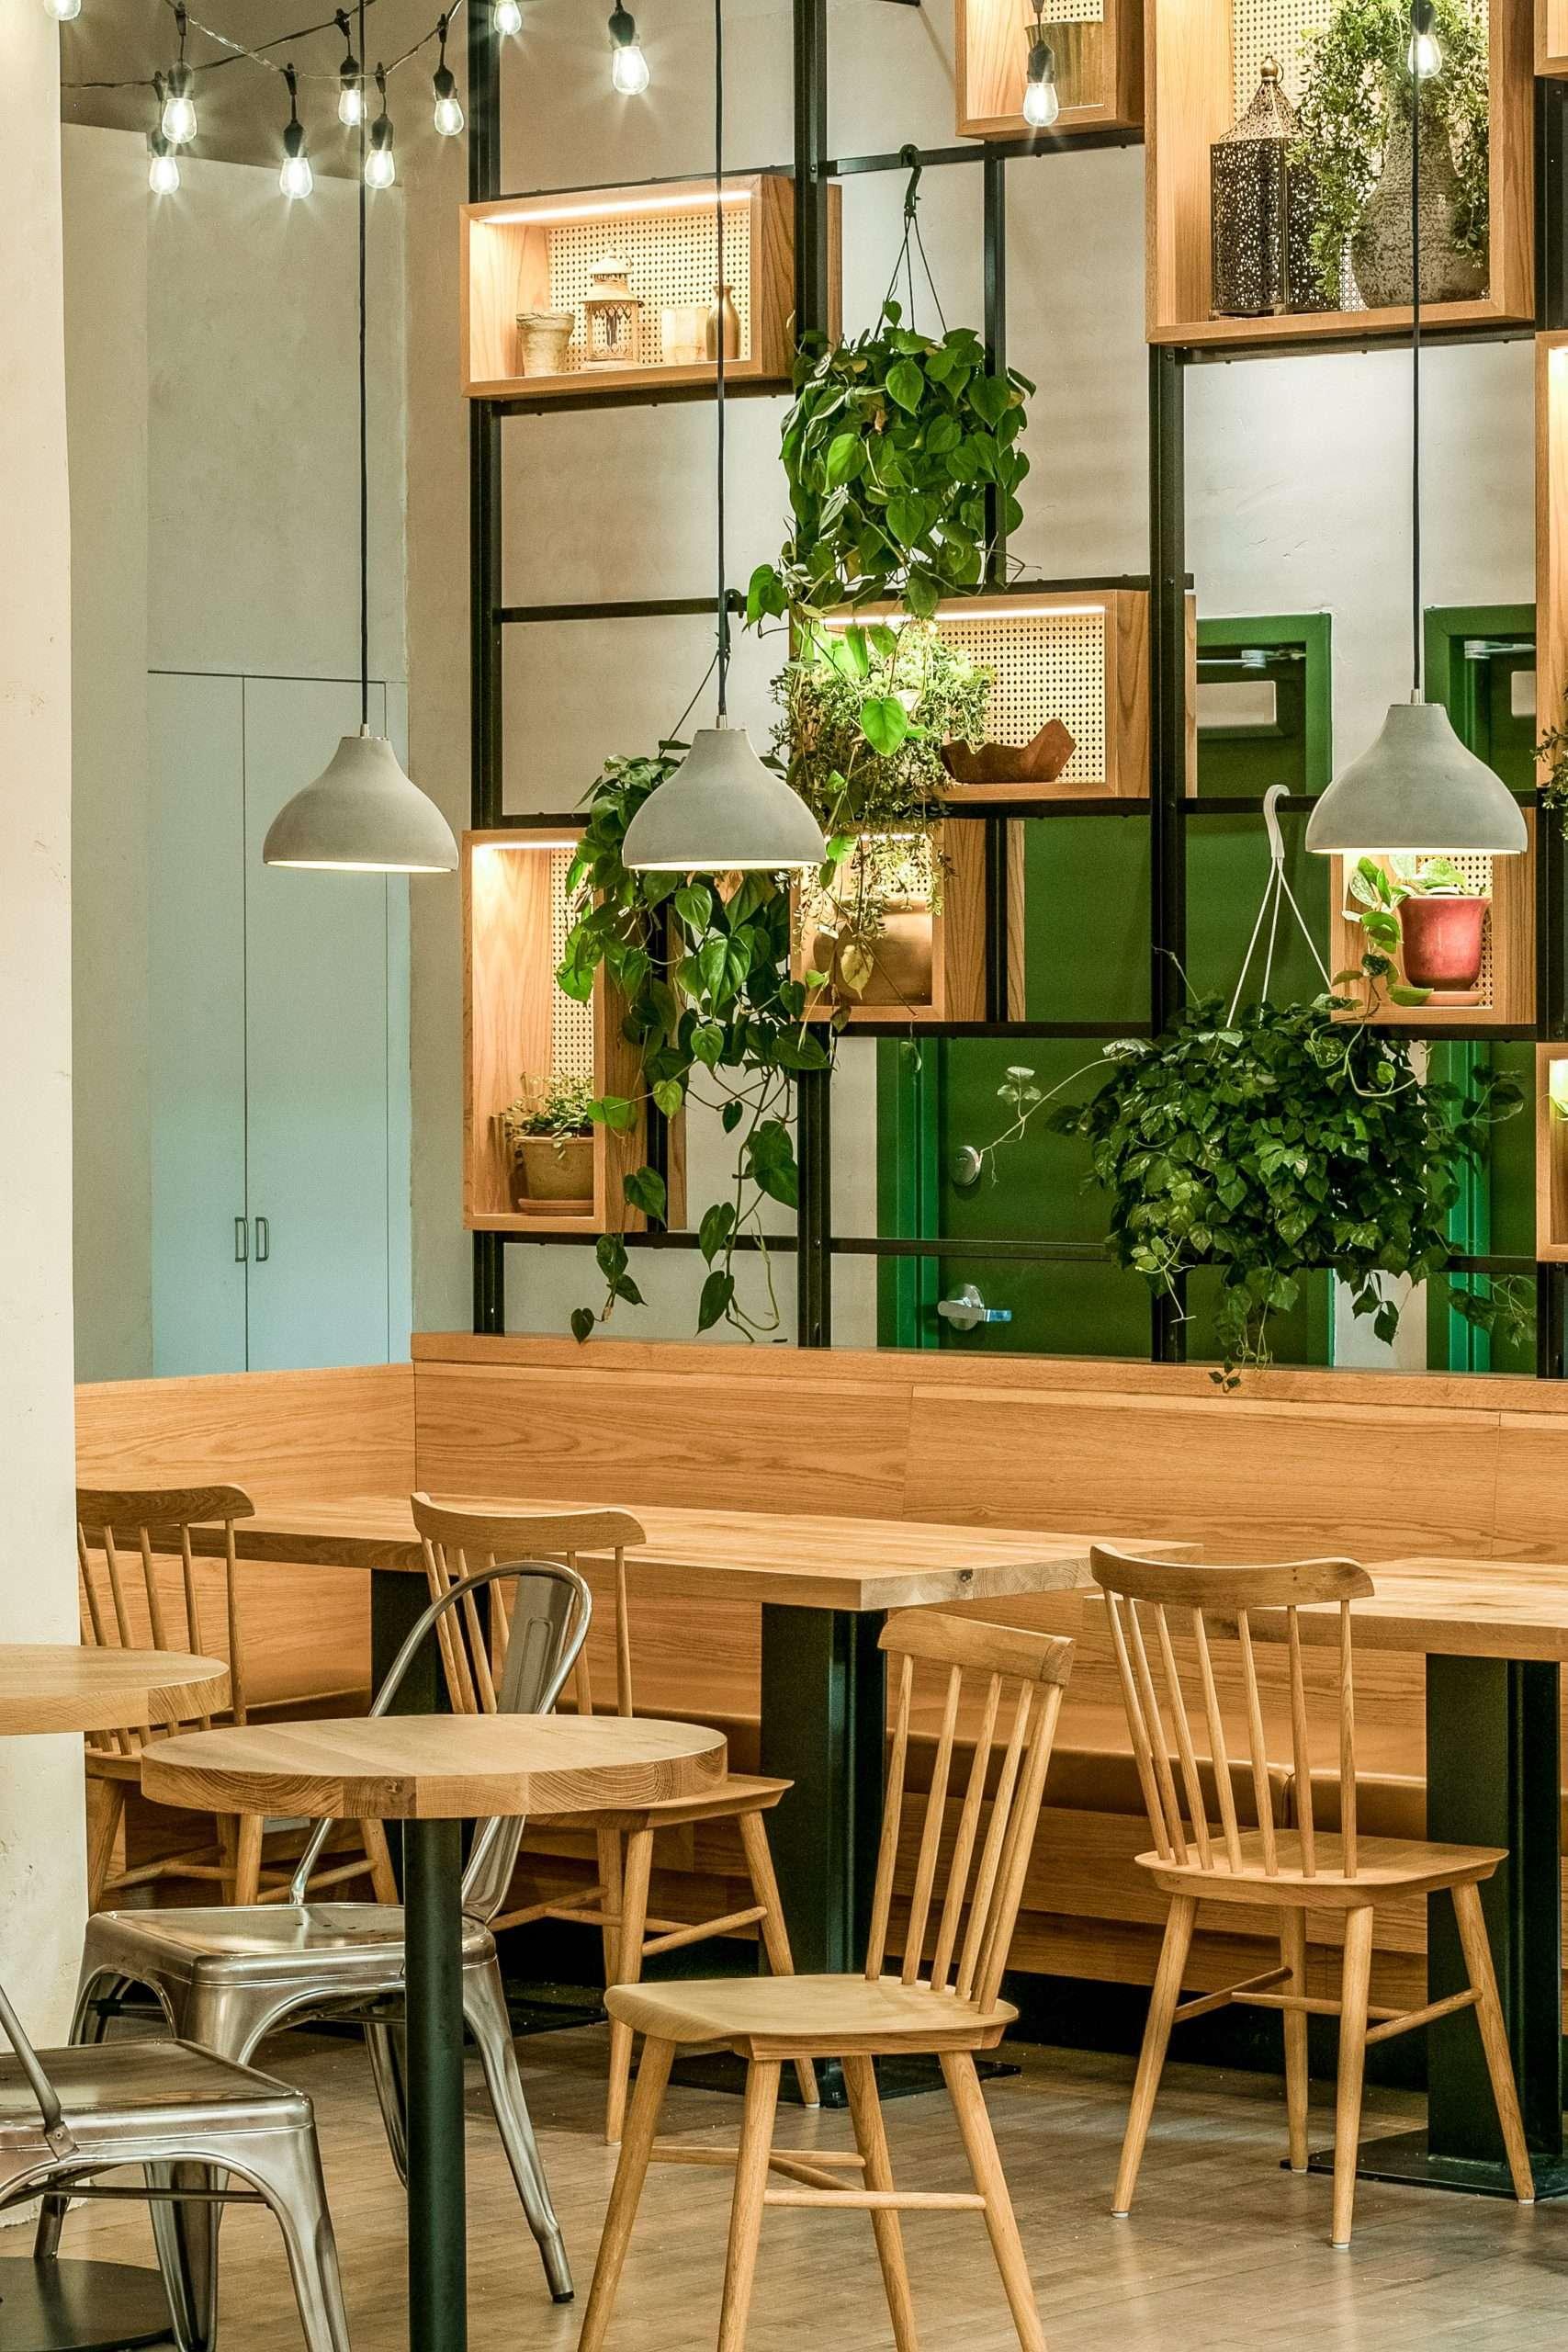 Creme_Mint Kitchen_HR-7